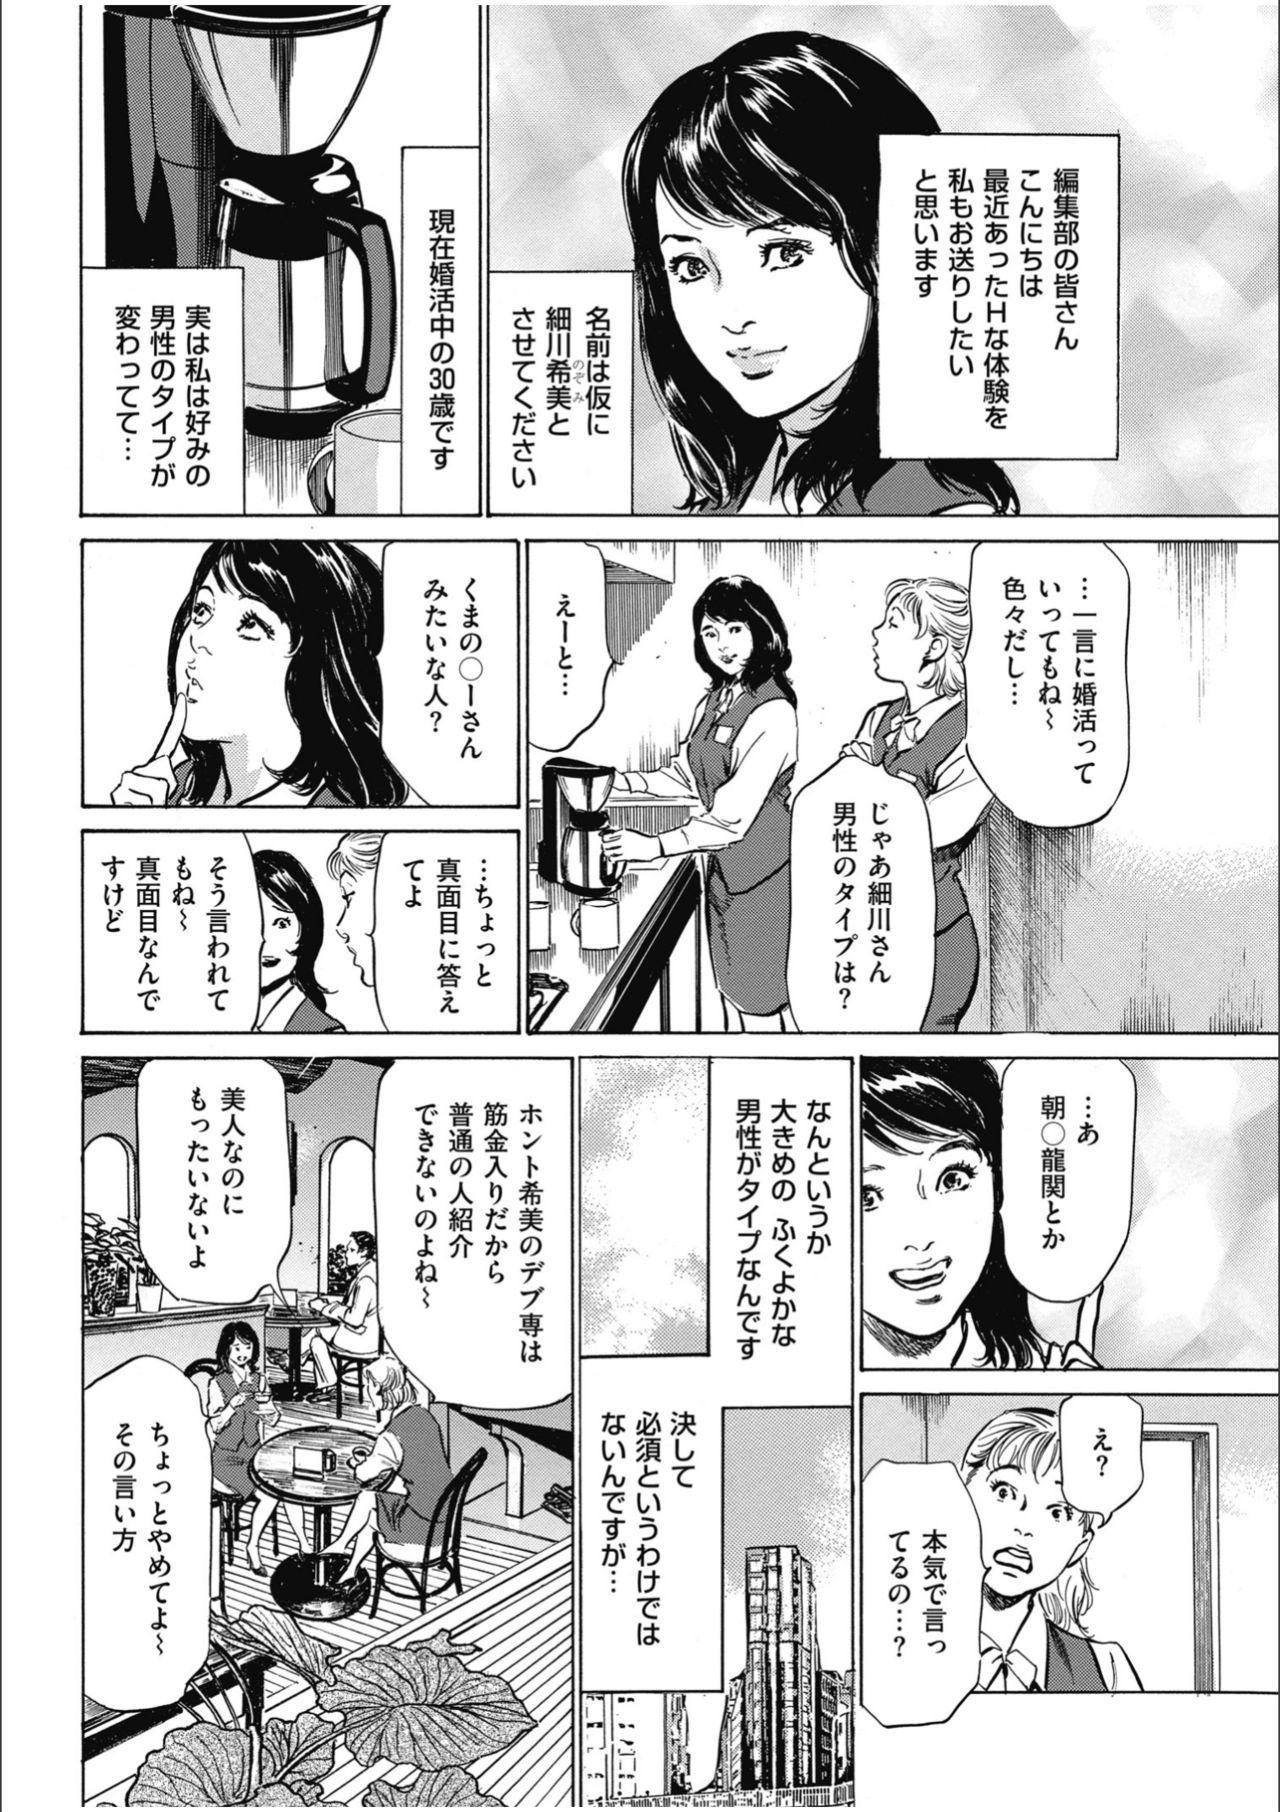 八月薫傑作マジセレ Hな体験教えます 女性投稿12連発 151